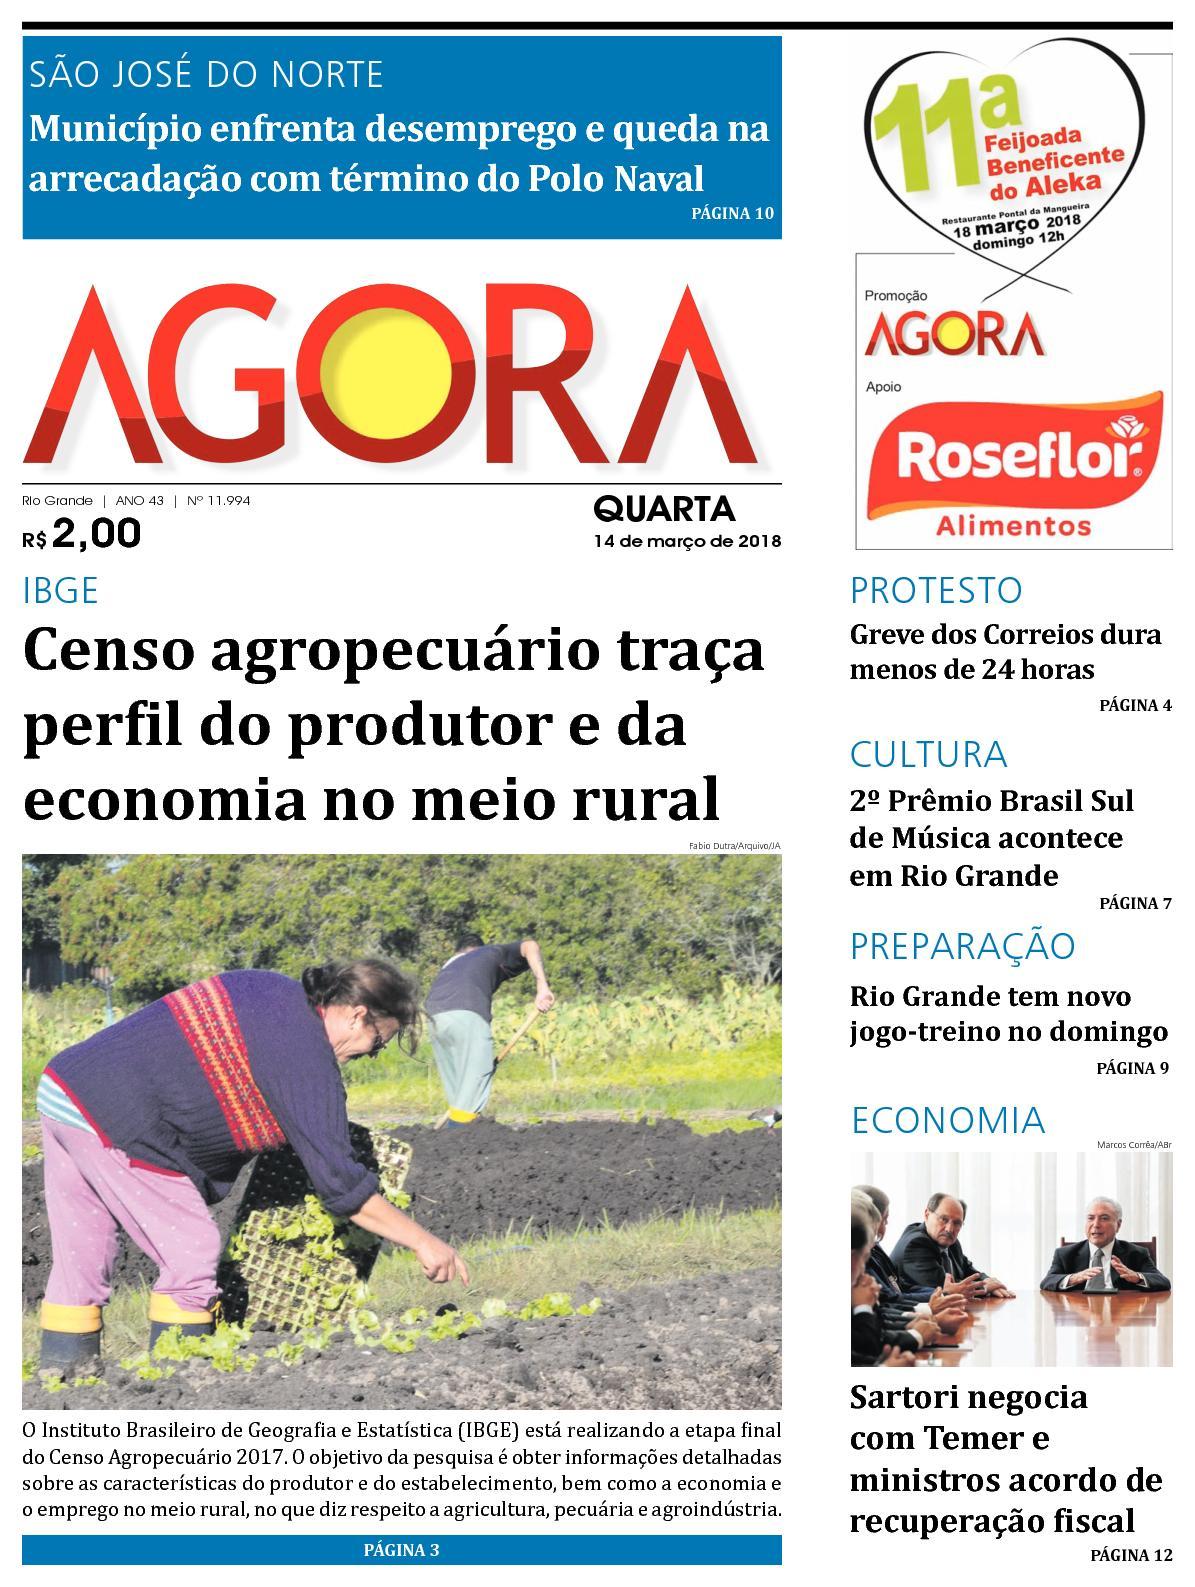 Jornal Agora - Edição 11994 - 14 de Março de 2018